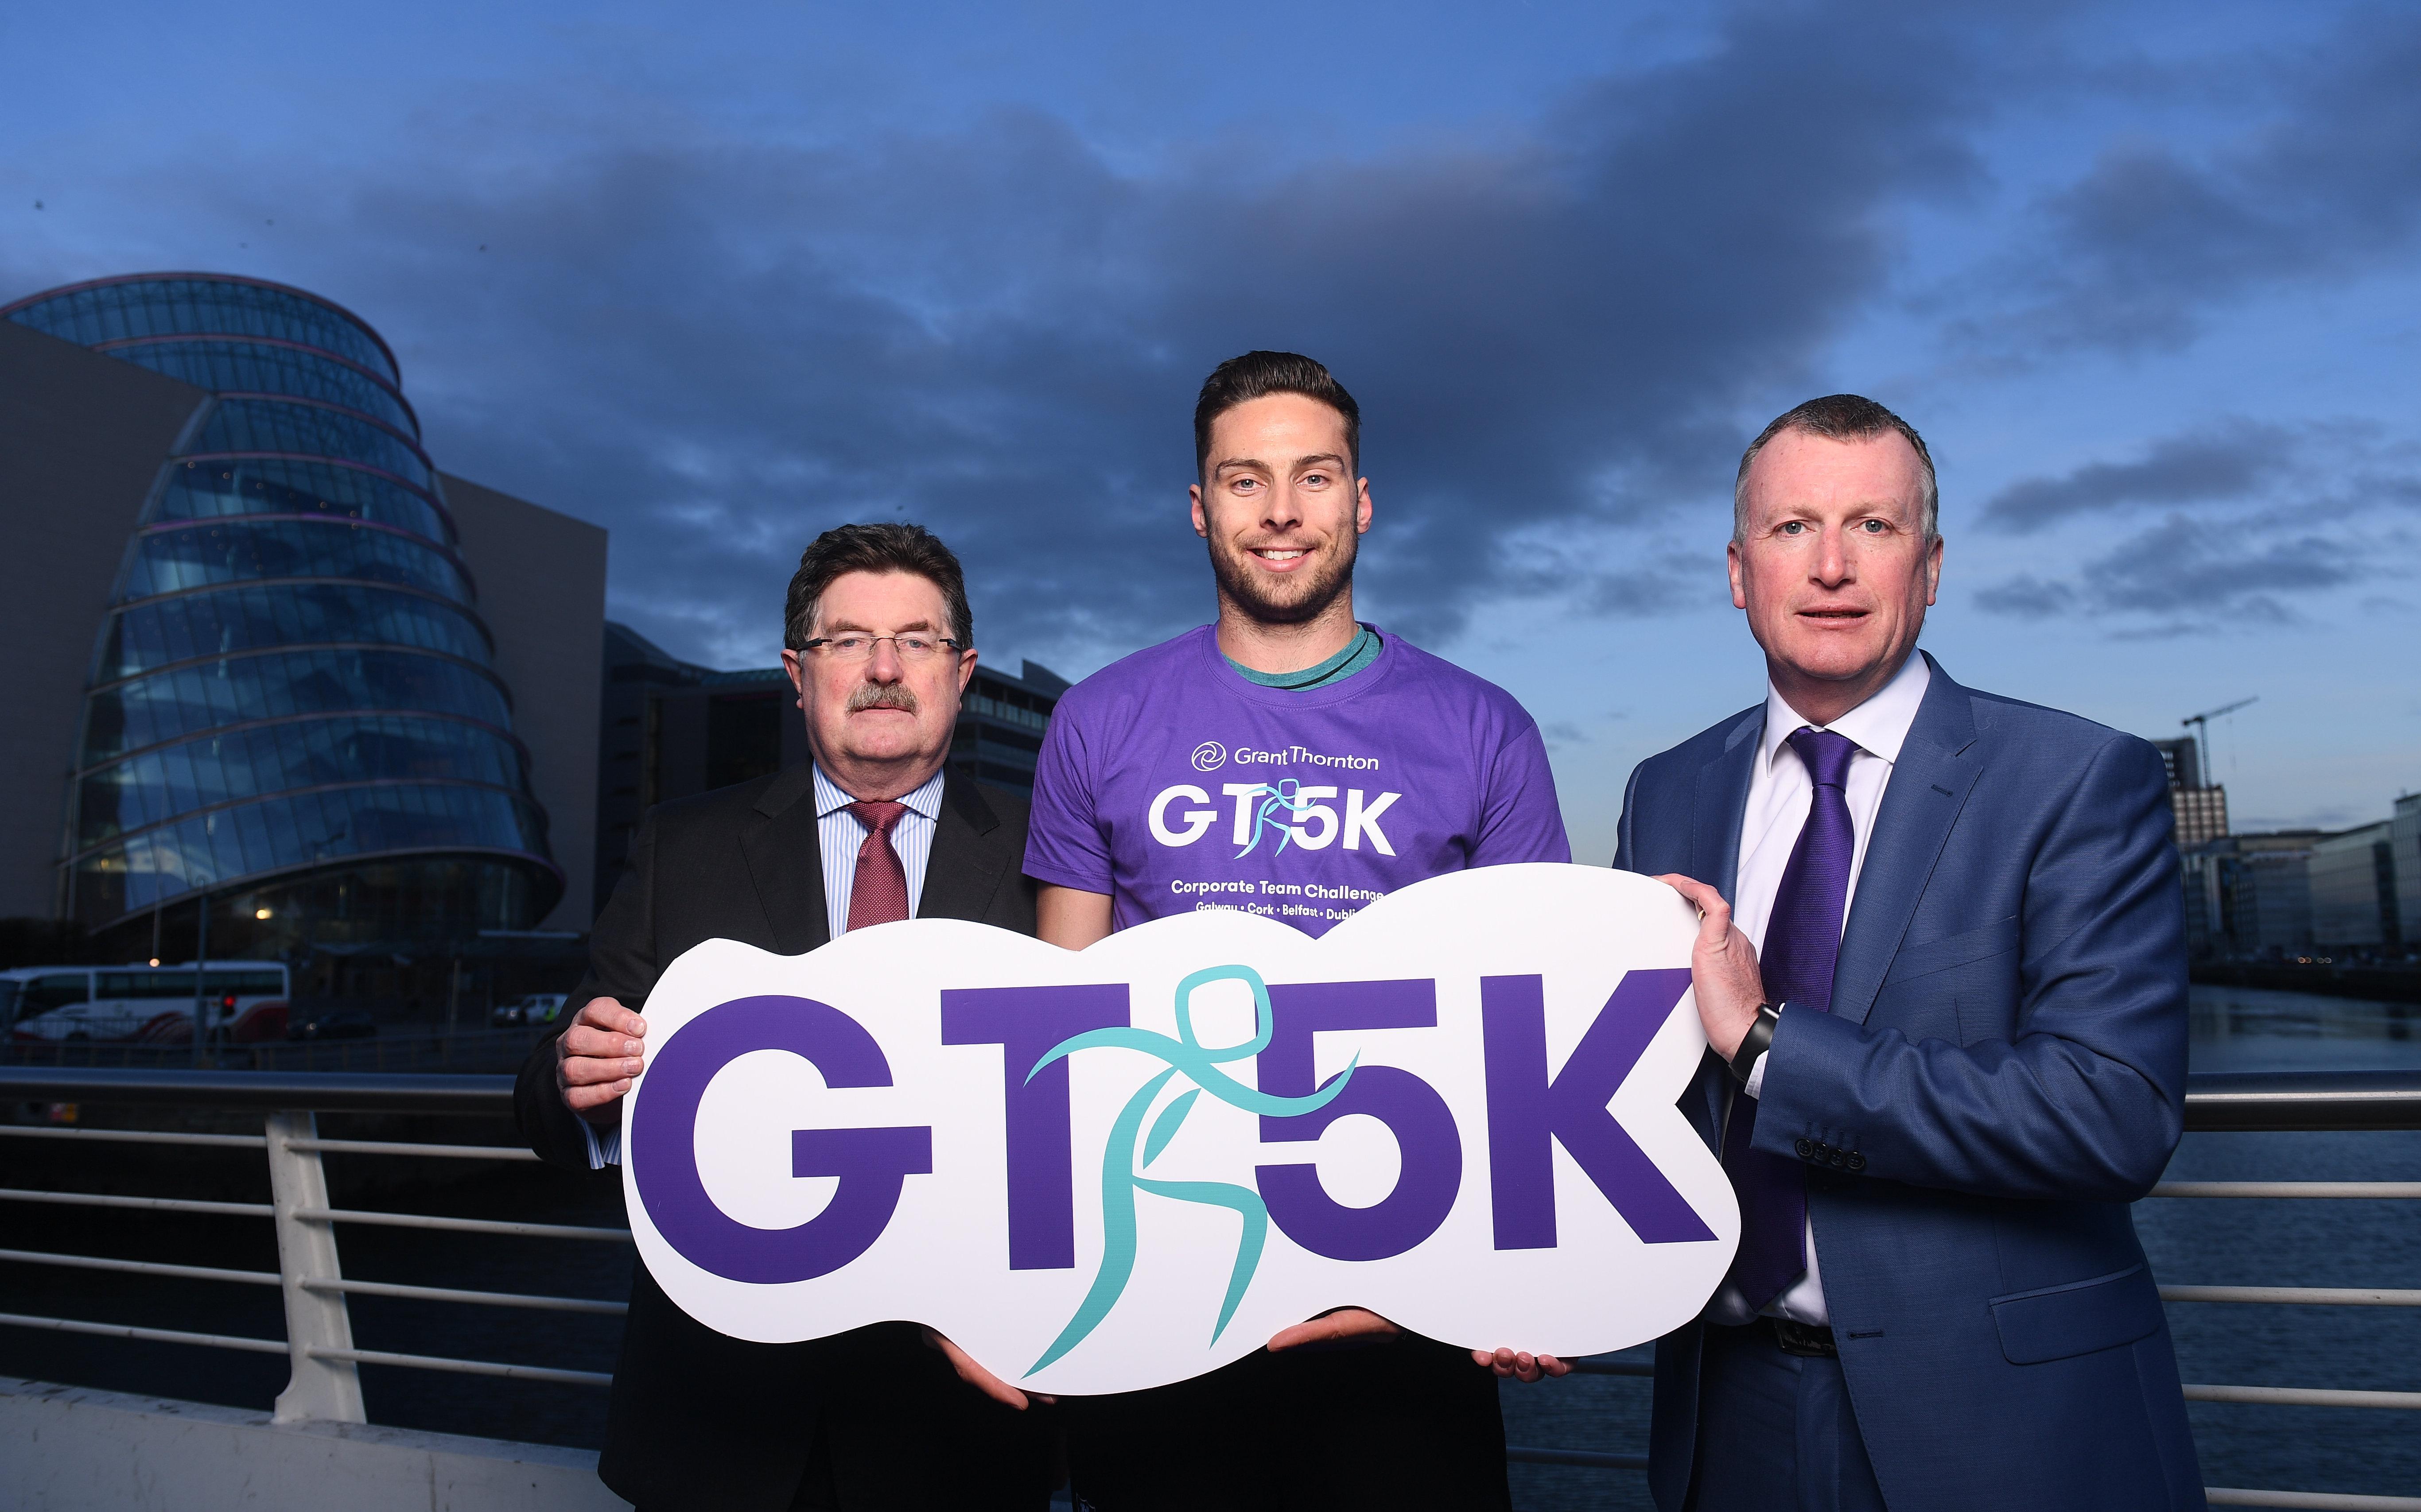 GT5K_2018_website.jpg